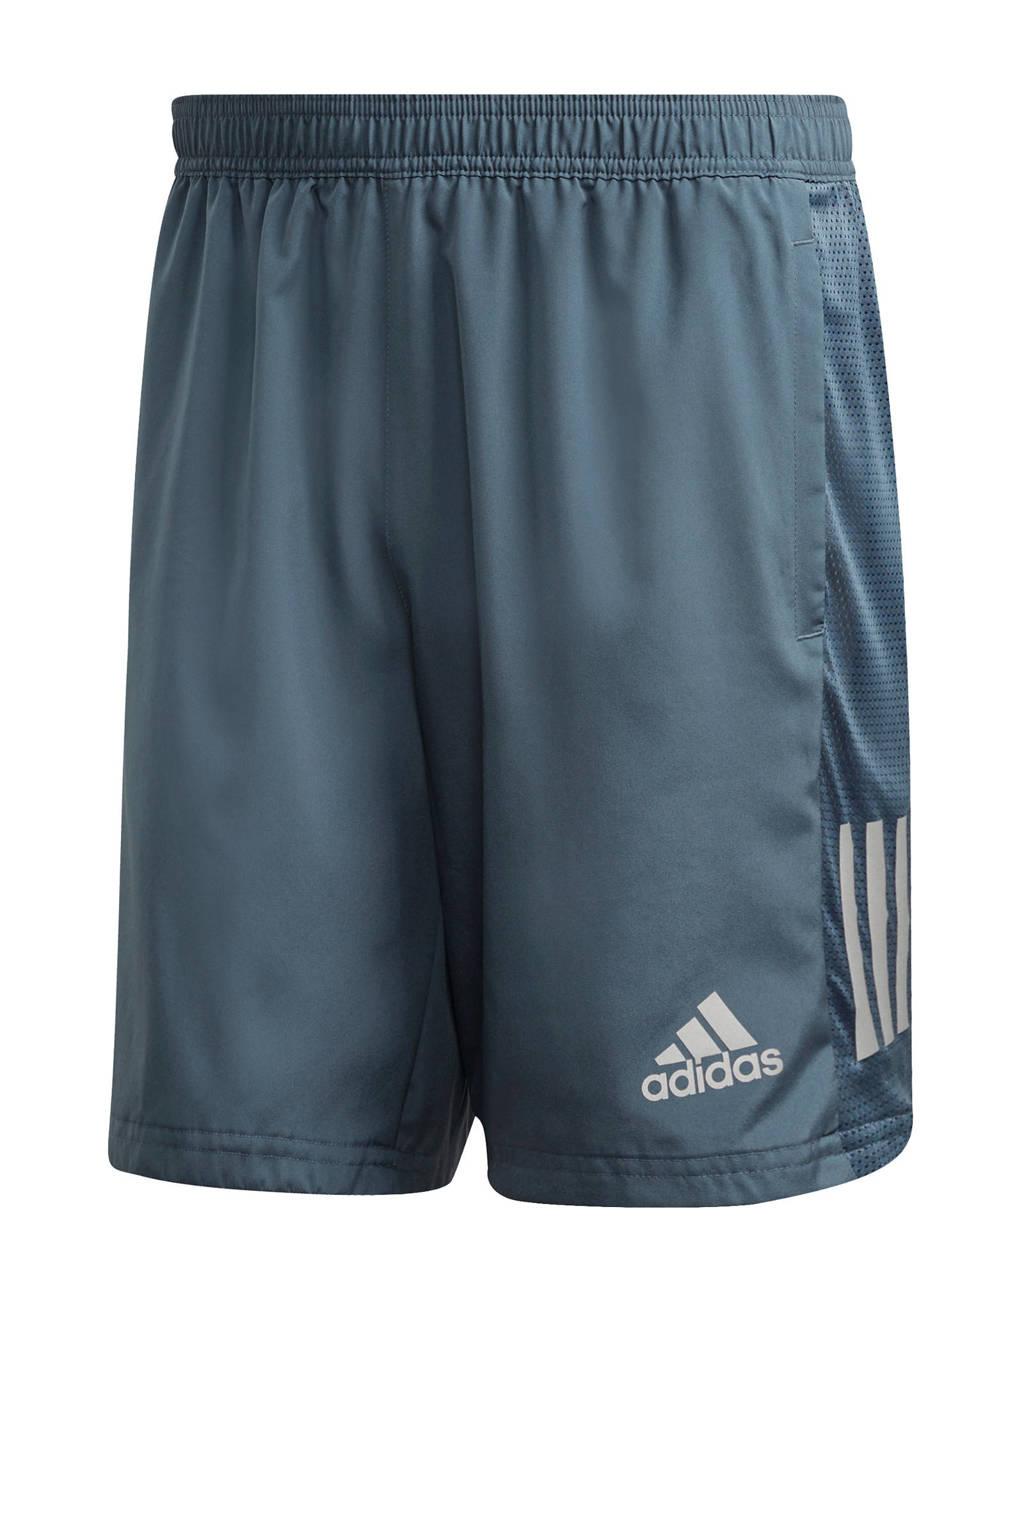 adidas Performance   hardloopshort blauw/grijs, Blauw/grijs